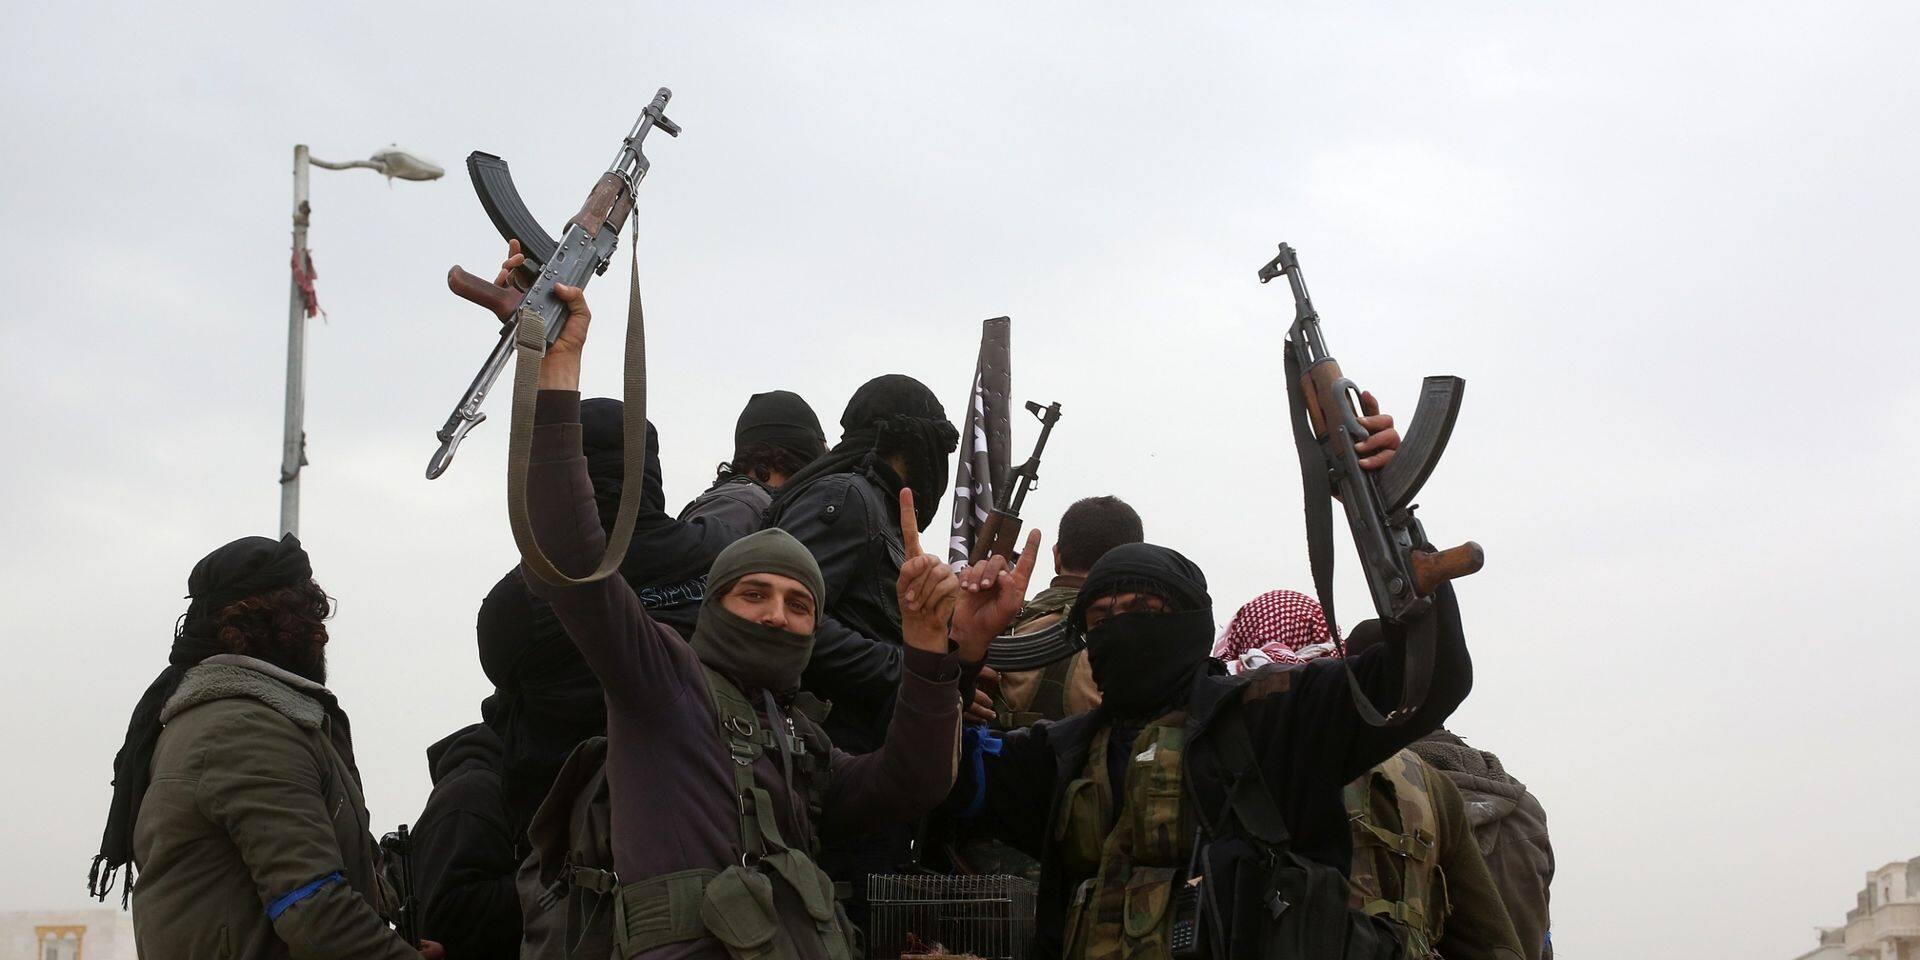 Le leader d'Al Qaïda dans la Péninsule arabique a été arrêté